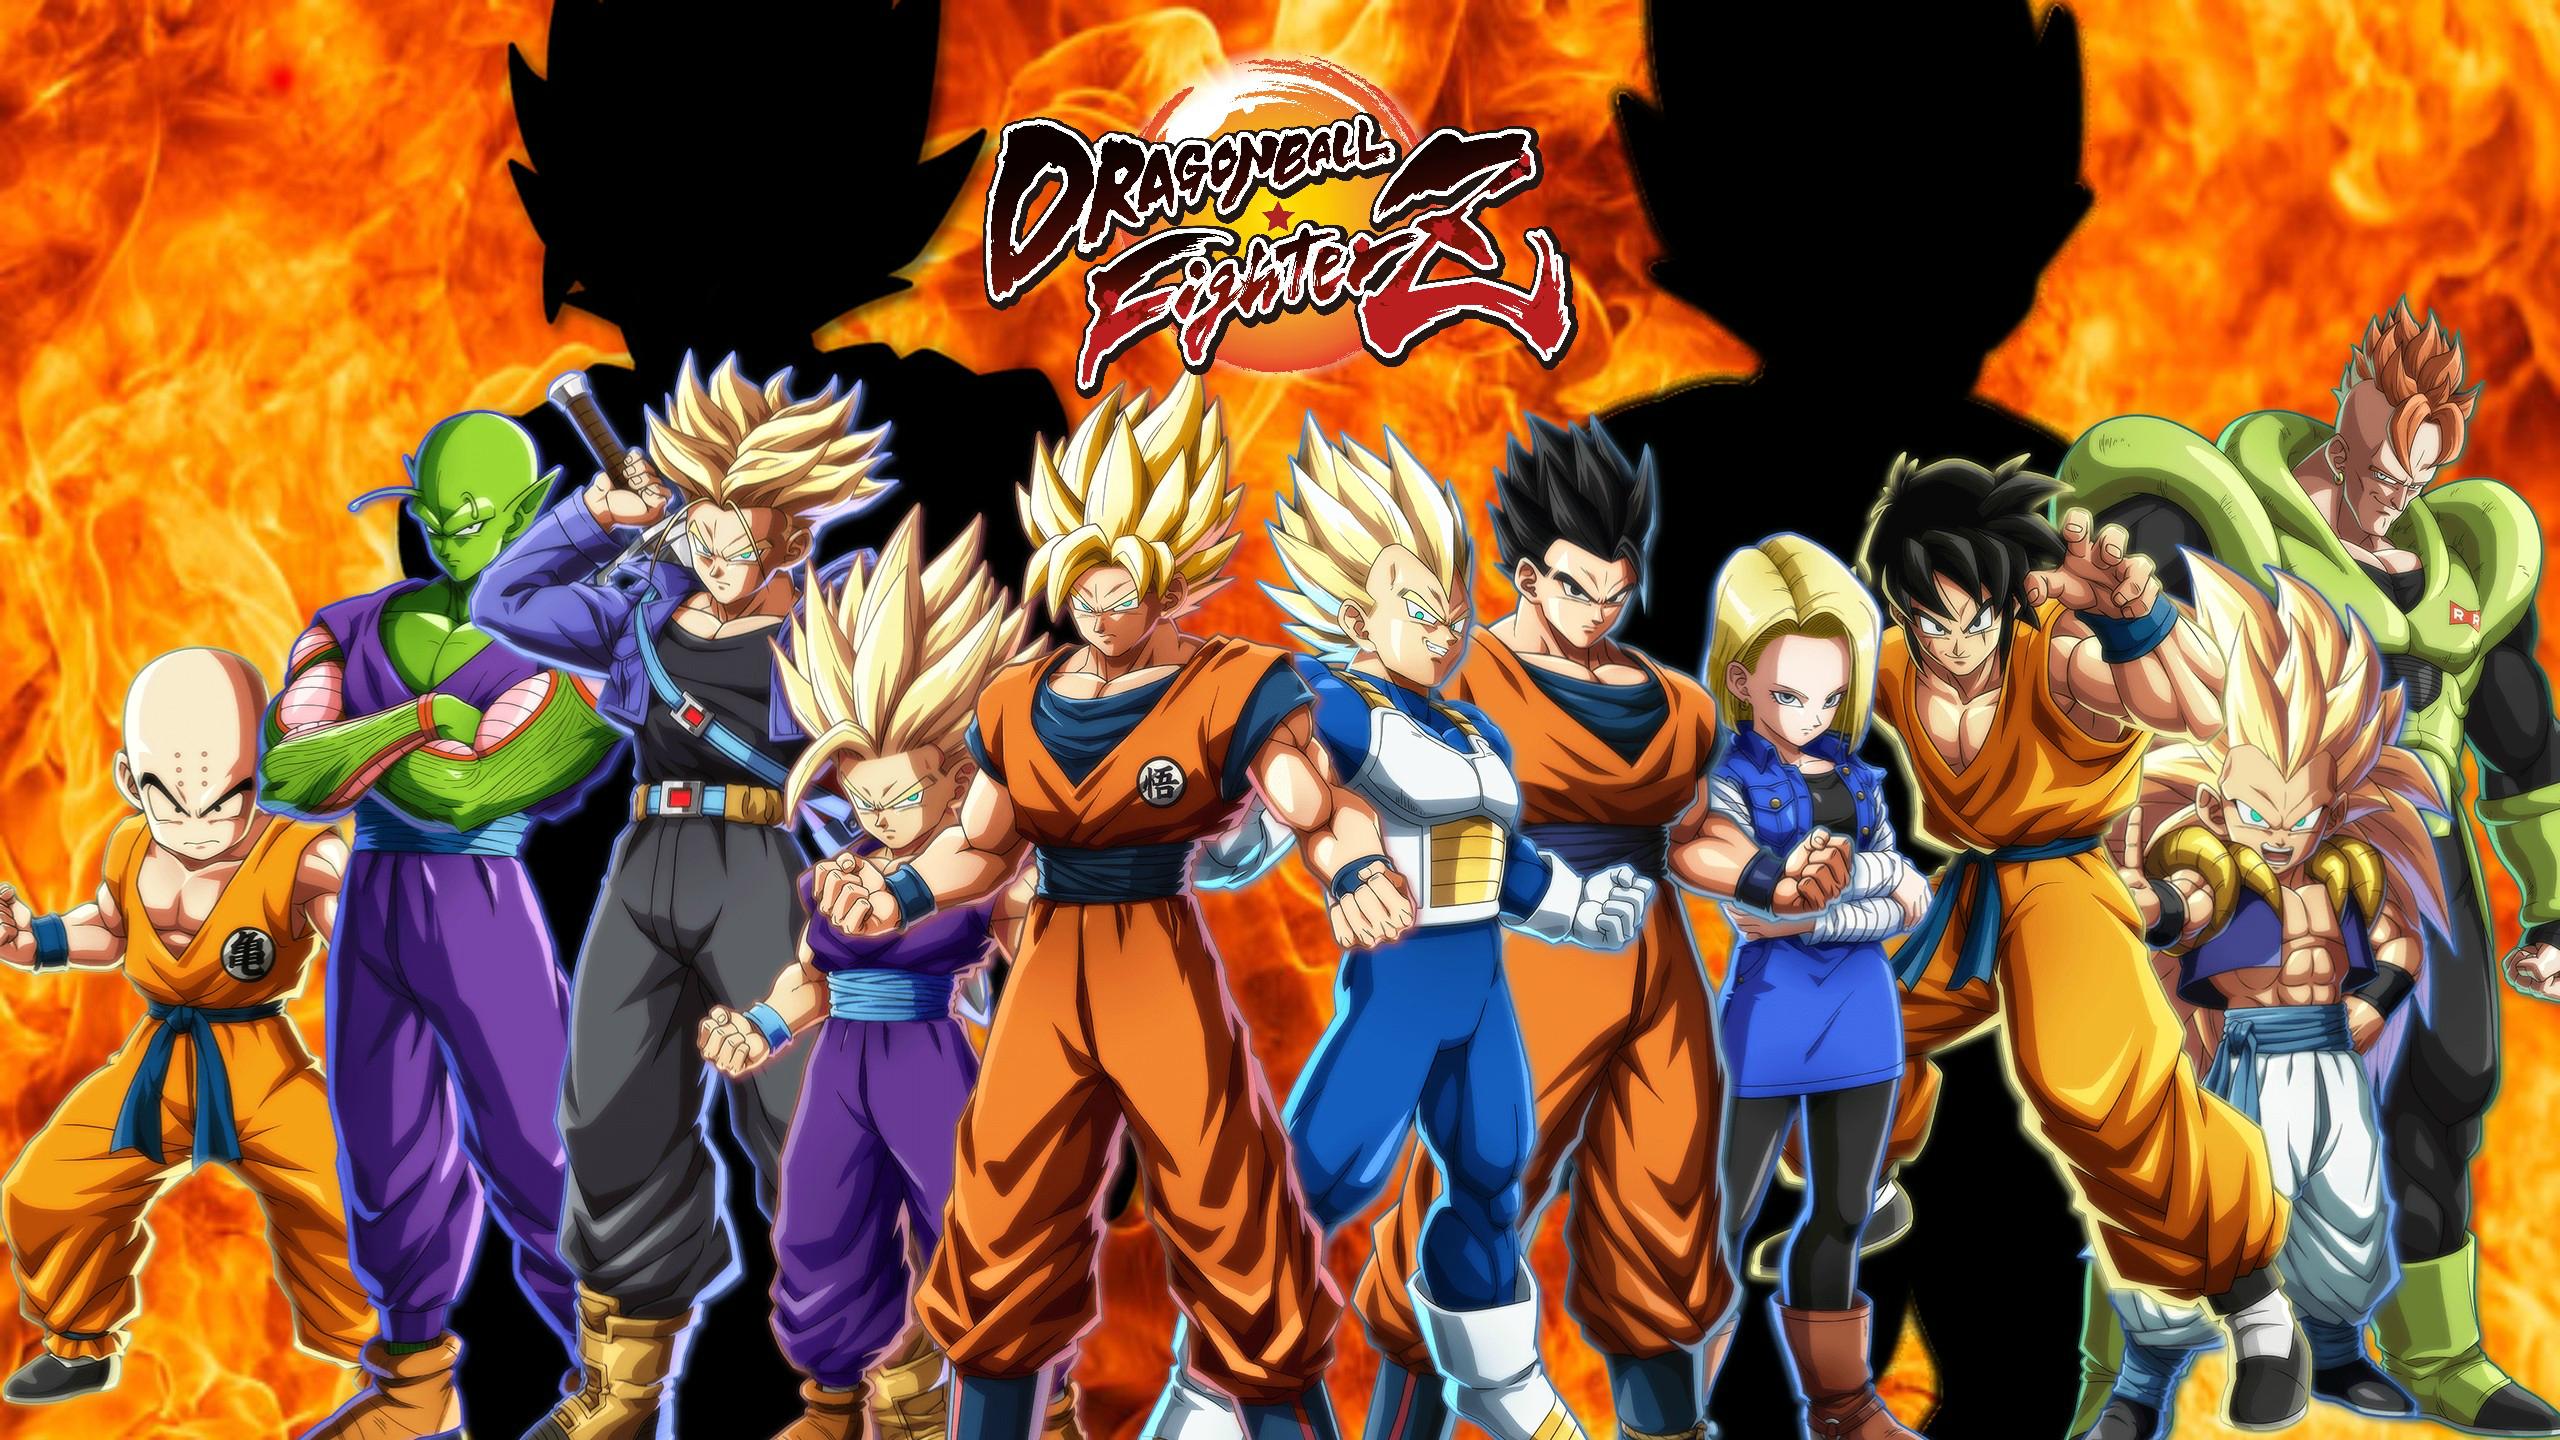 Dragon Ball FighterZ Wallpaper by XSpeedo on DeviantArt